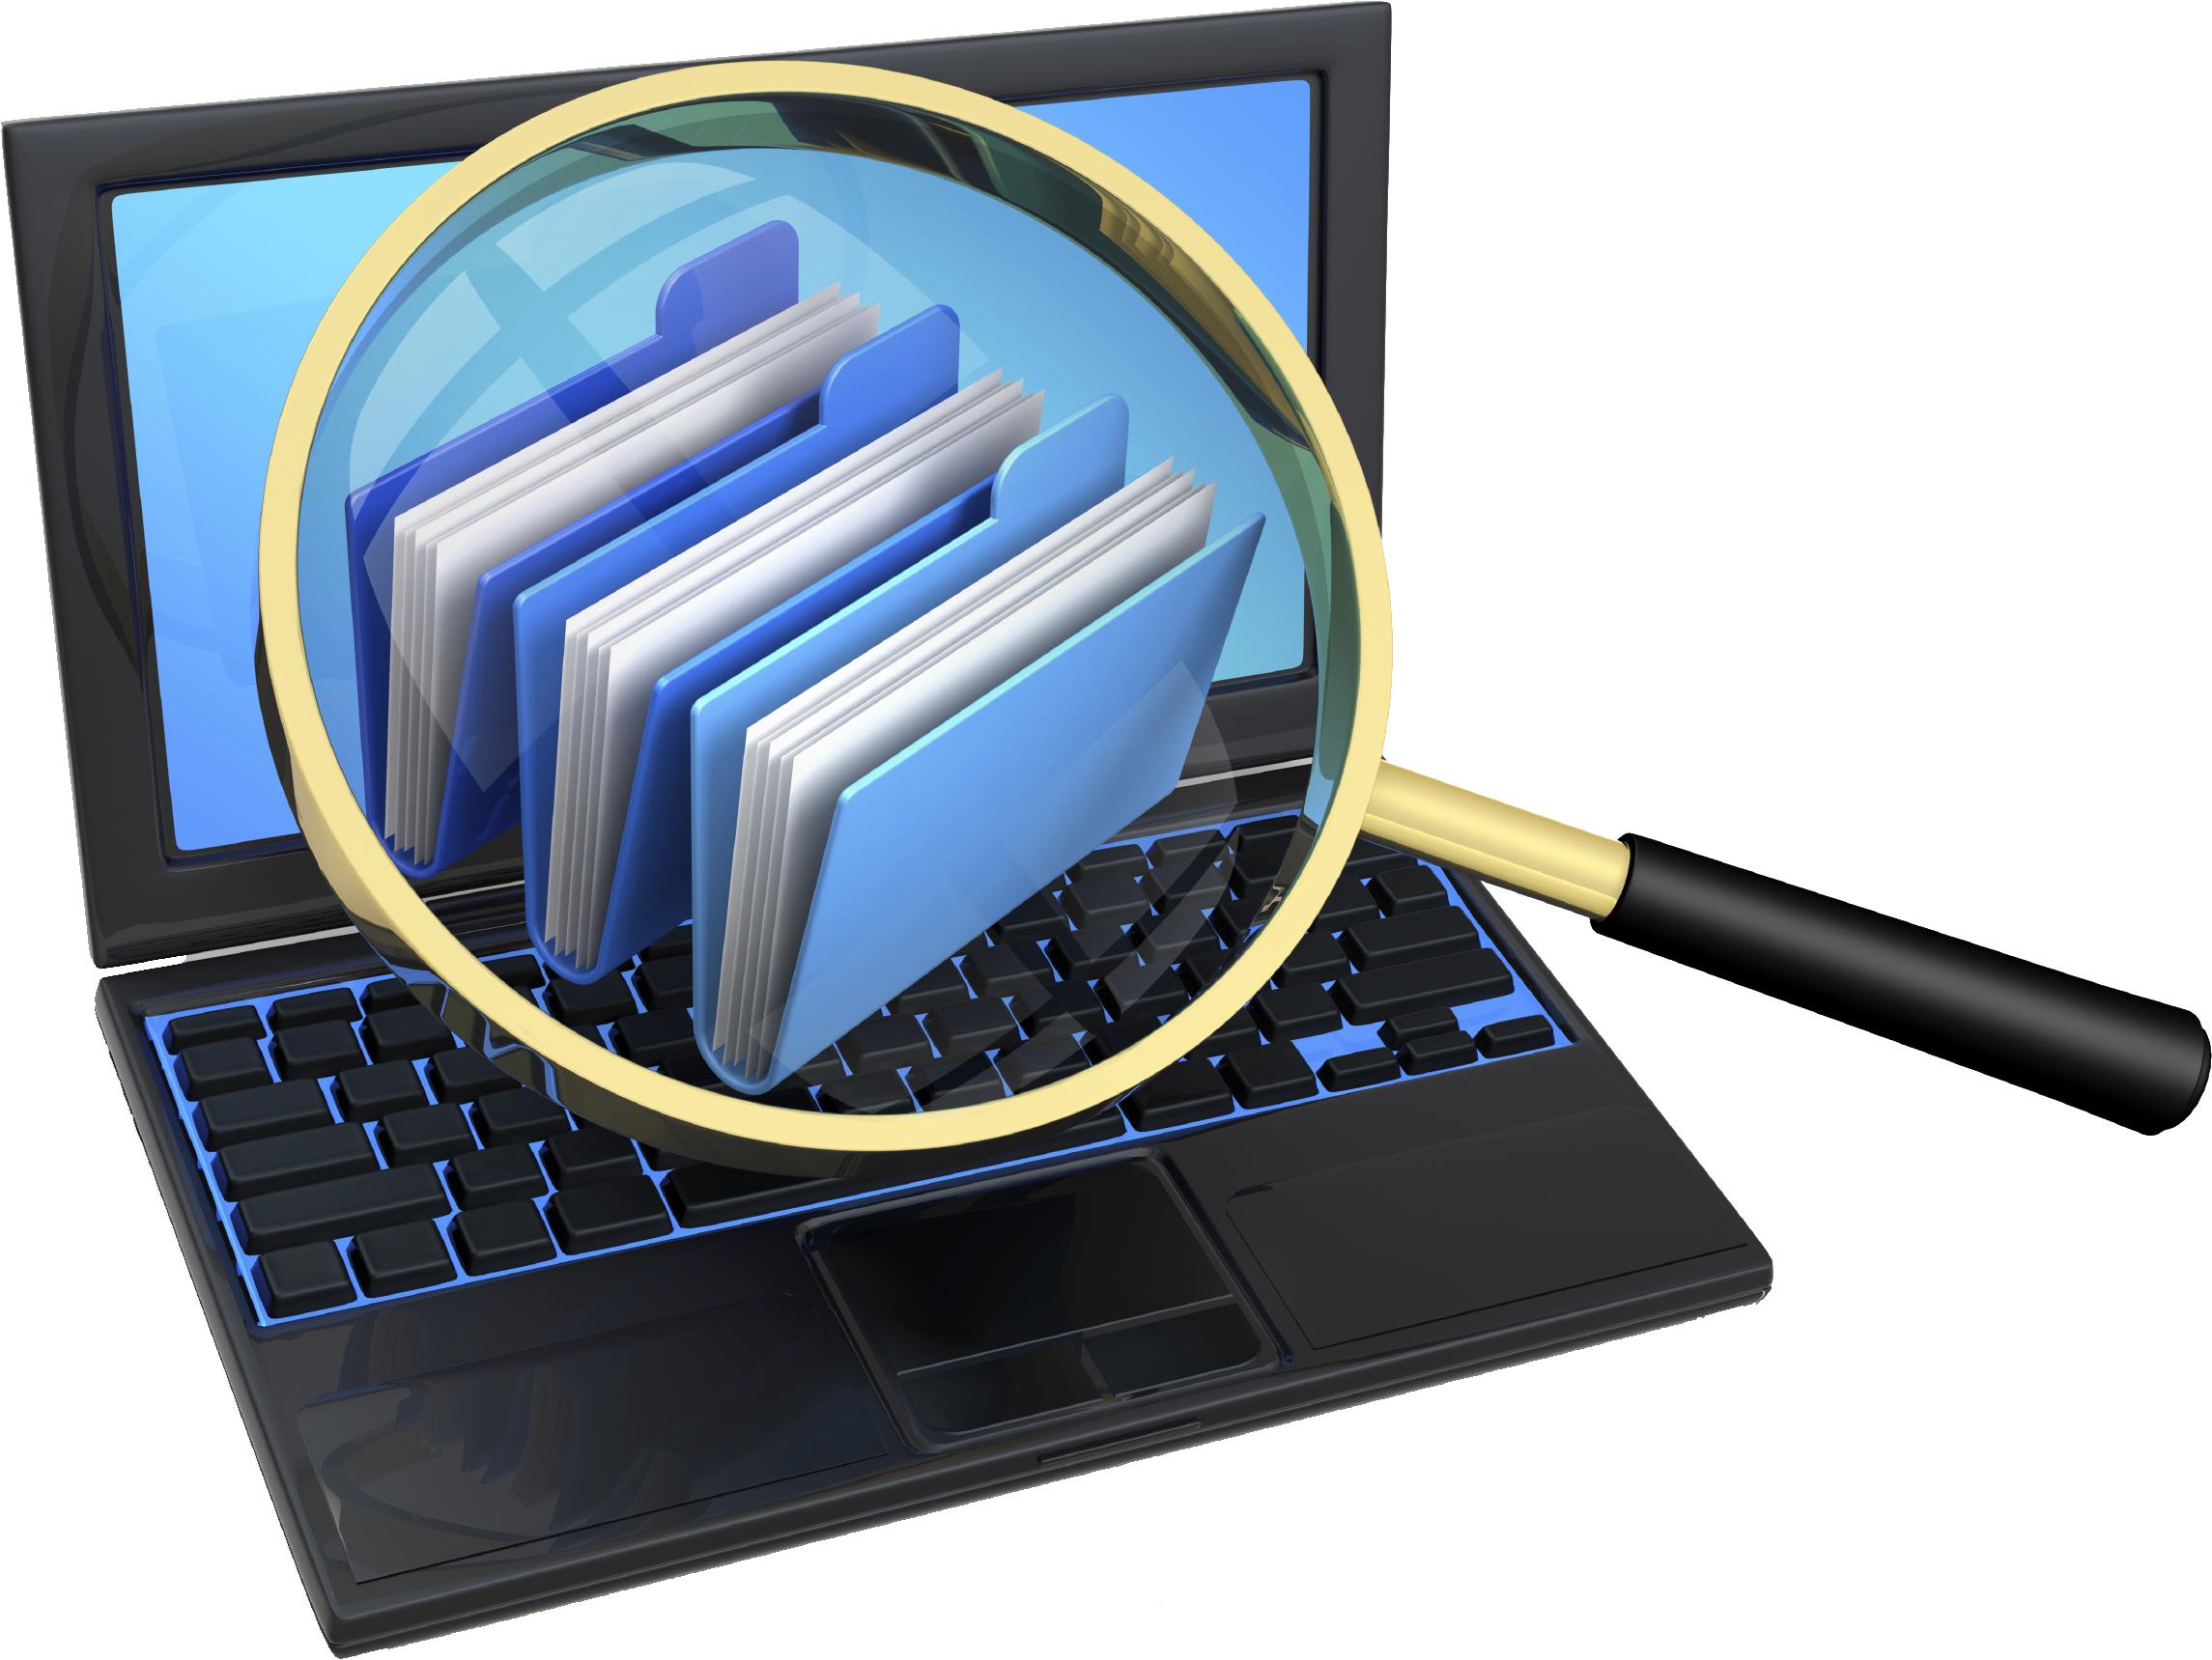 Быстродоступный электронный архив для документов